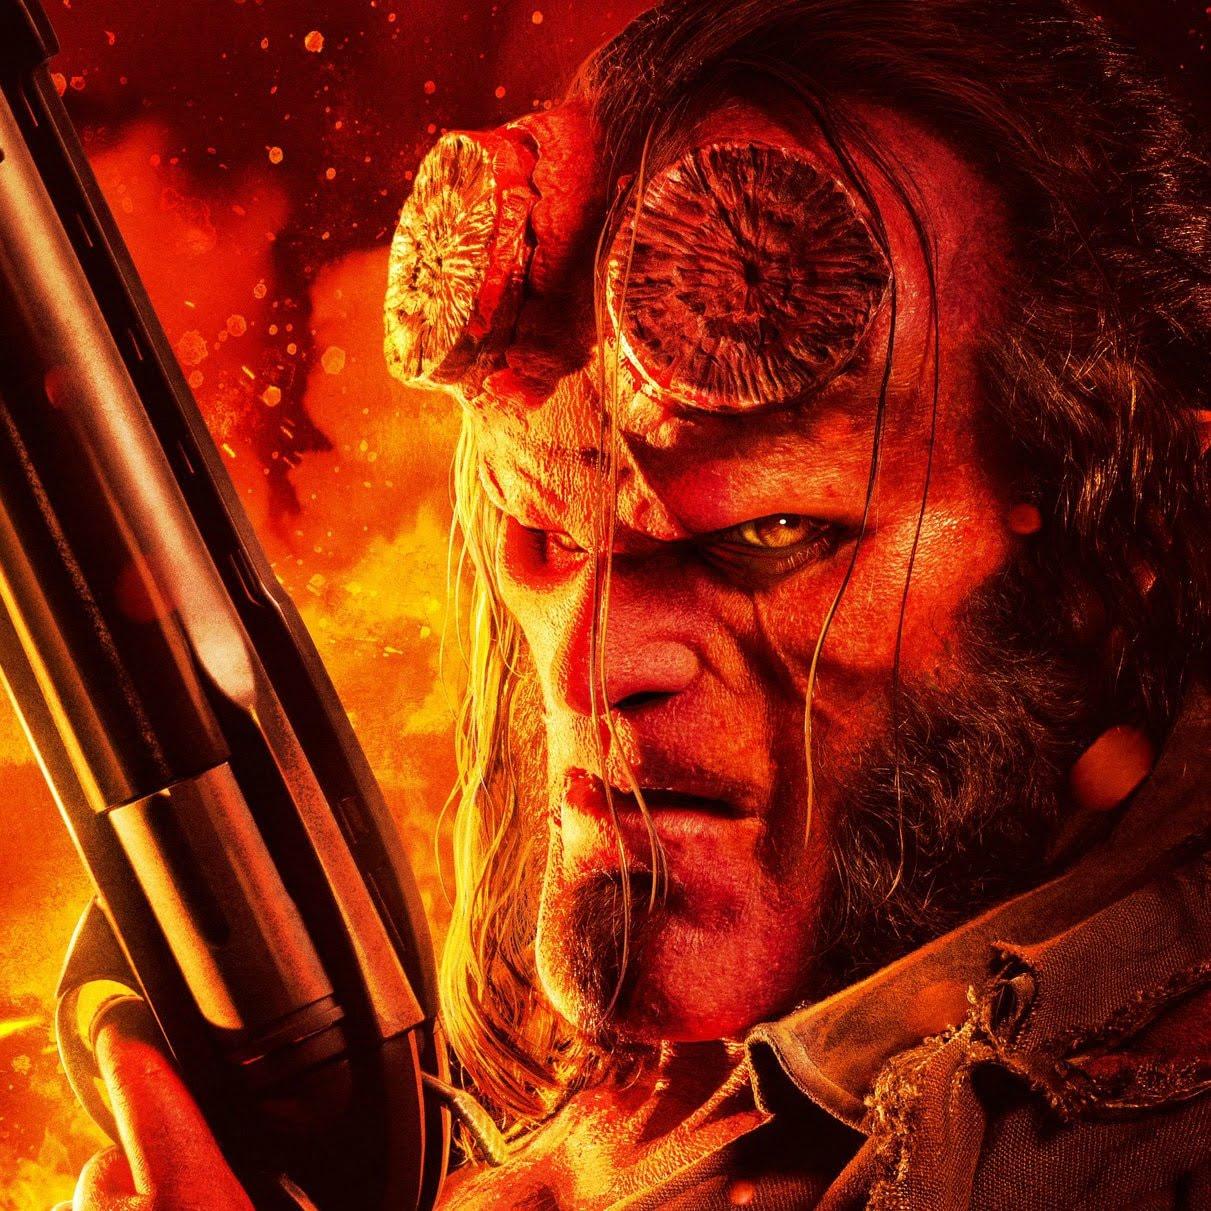 New Posters for Hellboy : 本日このあと、新しい予告編をお楽しみいただく予定の赤い悪魔のアンチ・ヒーロー映画「ヘルボーイ」の新しいポスター ! !